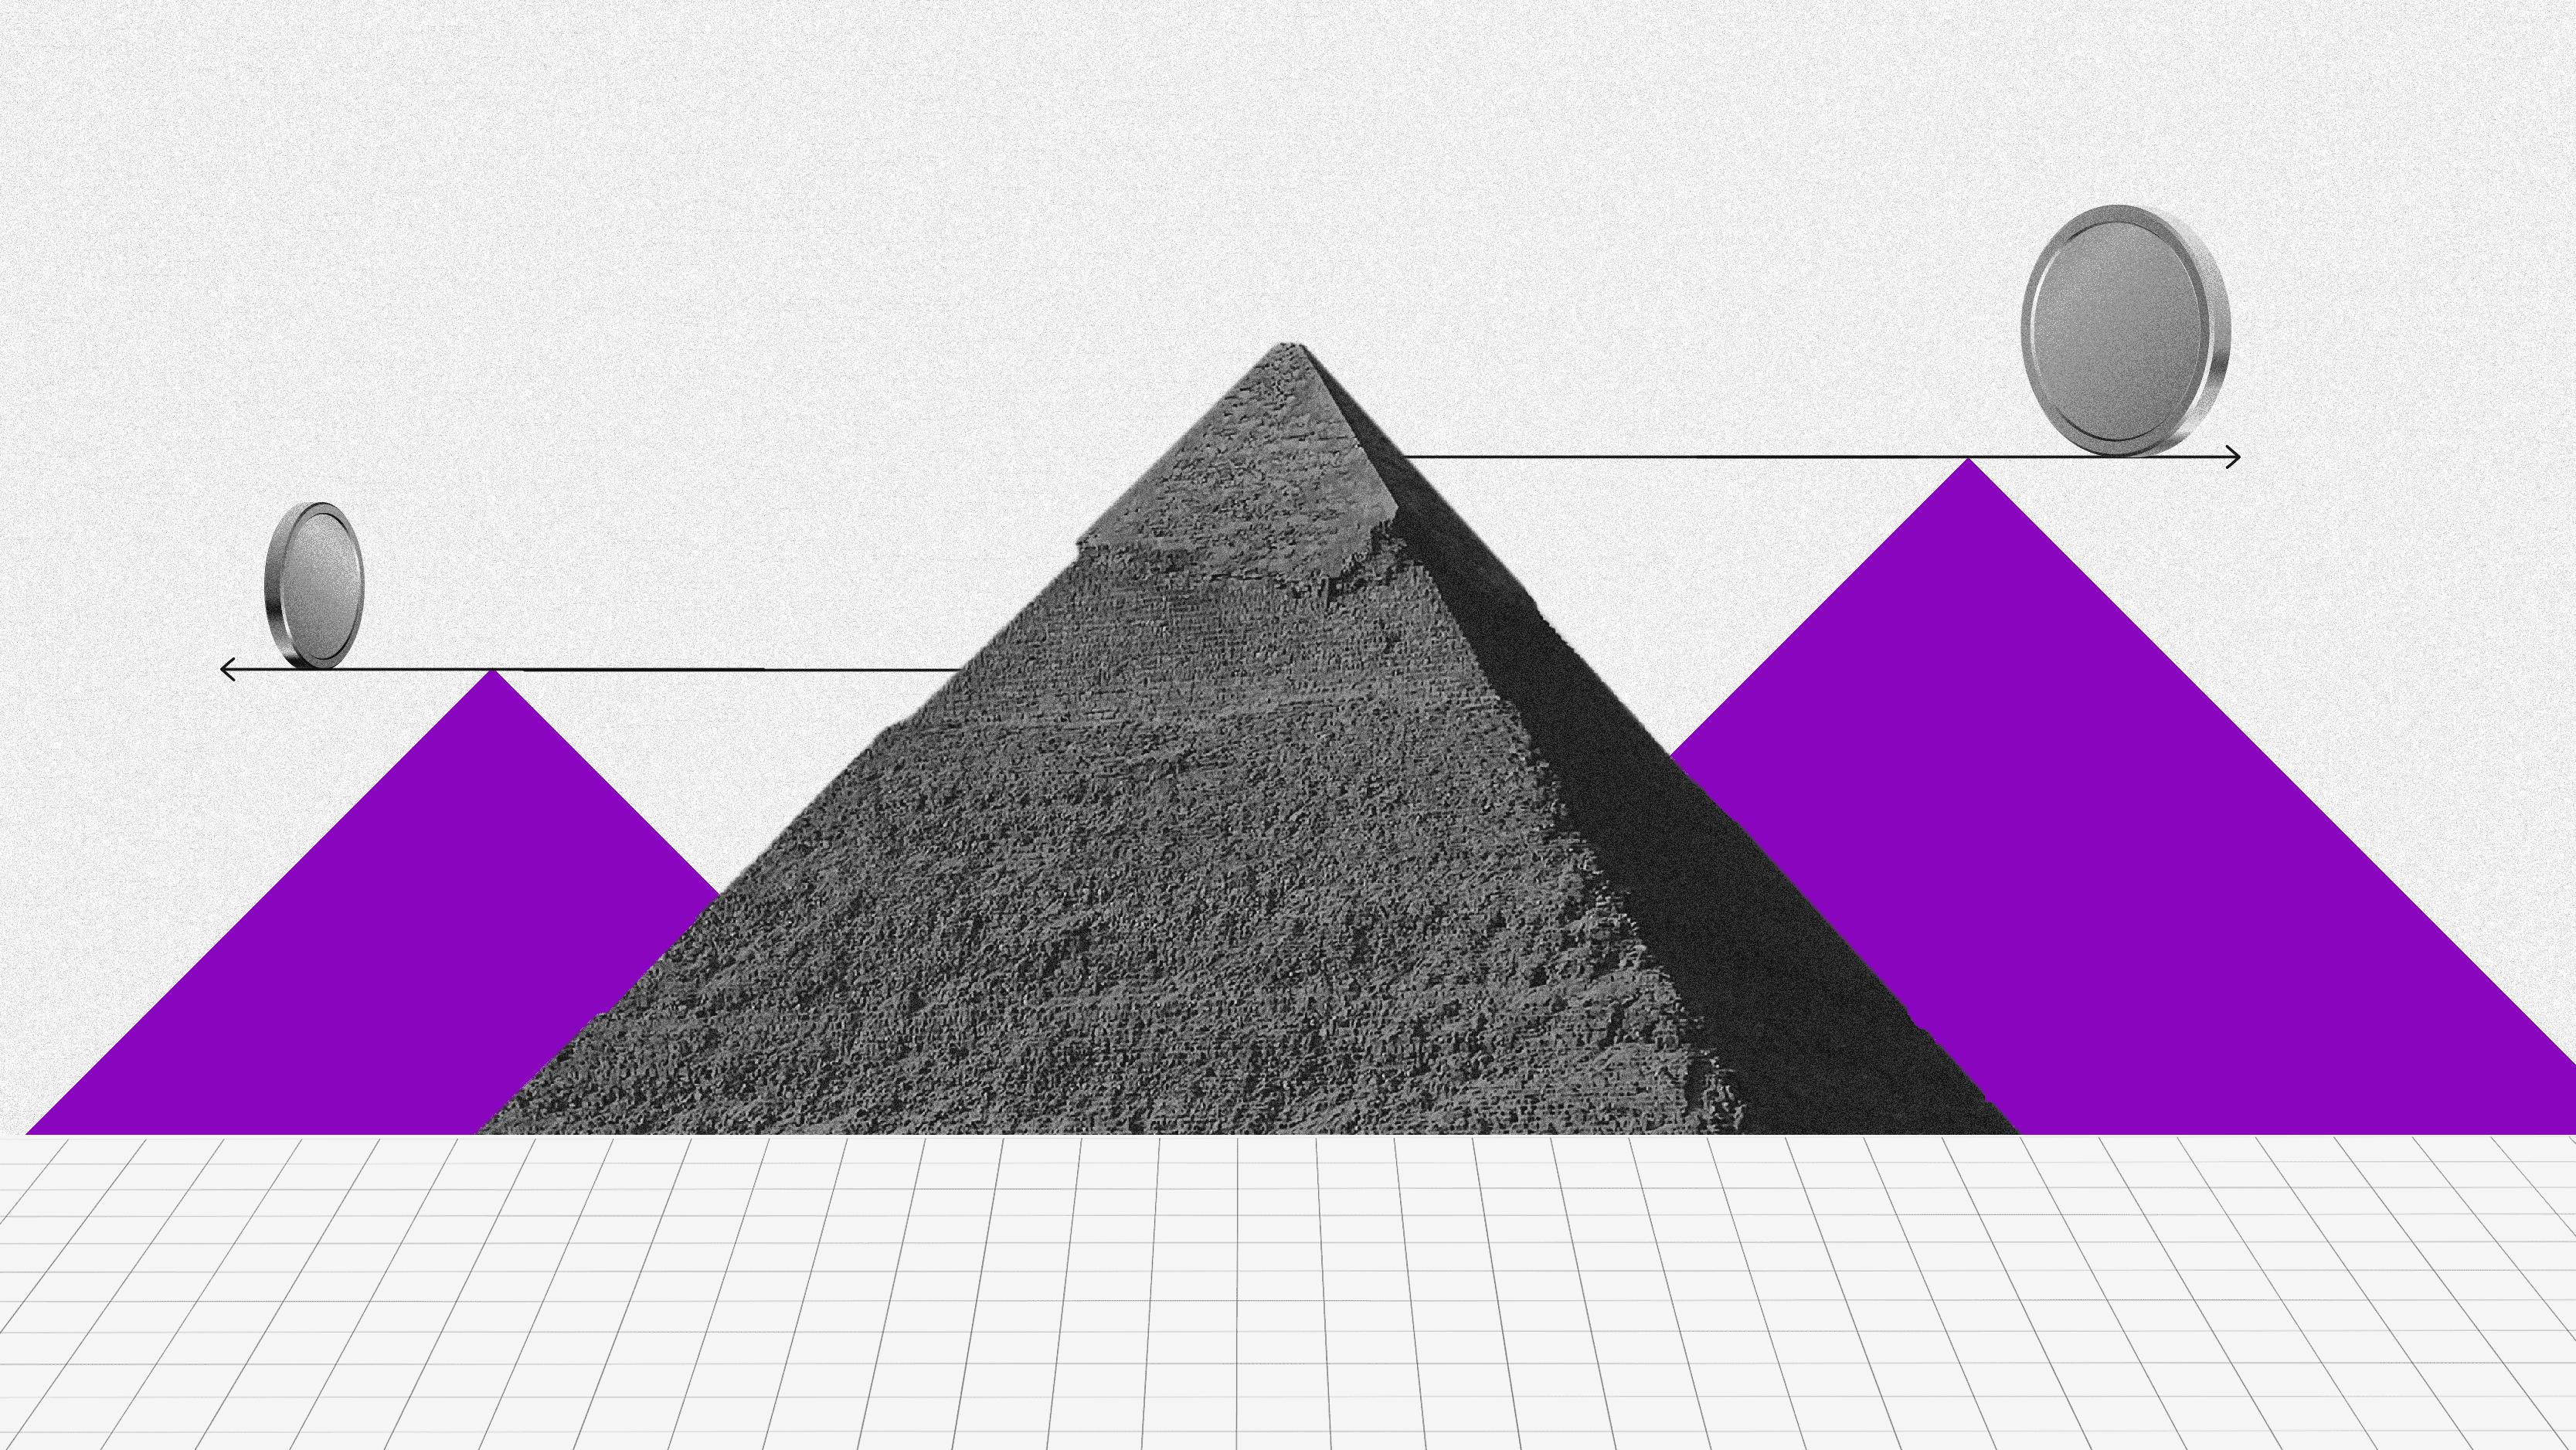 Pirámide financiera. Una pirámide y, ambos lados, dibujos de dos pirámides moradas con flechas en sentido opuesto y, por encima de ellas, dos esferas en equilibrio.